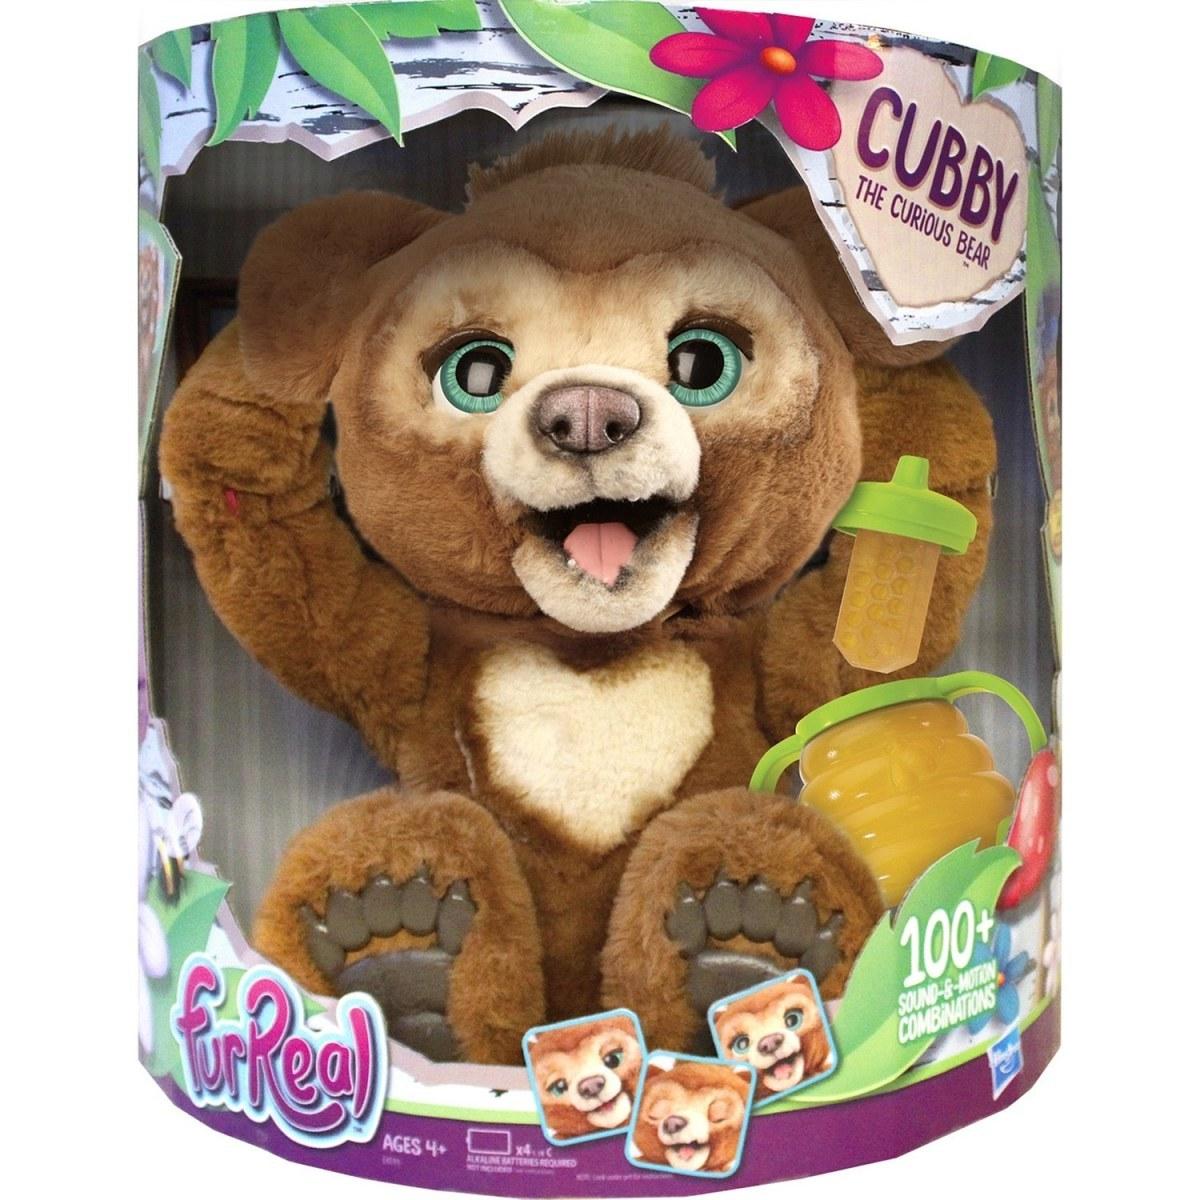 FurReal интерактивный русский мишка Кабби